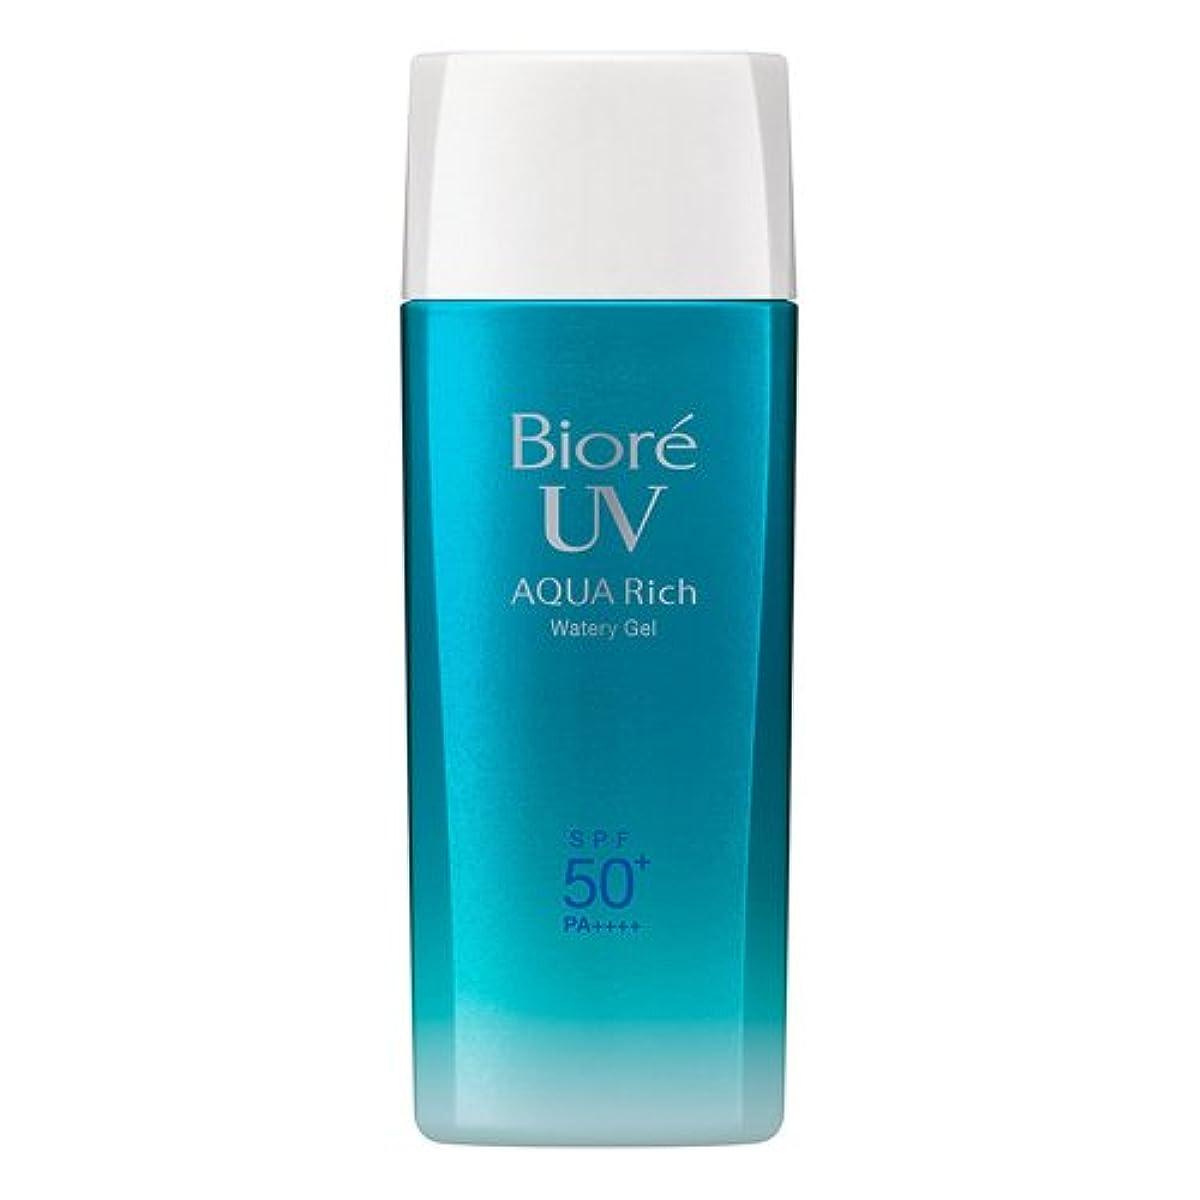 でもバイオレットスクランブルビオレ UV アクアリッチ ウォータリージェル SPF50+ 【24個セット】